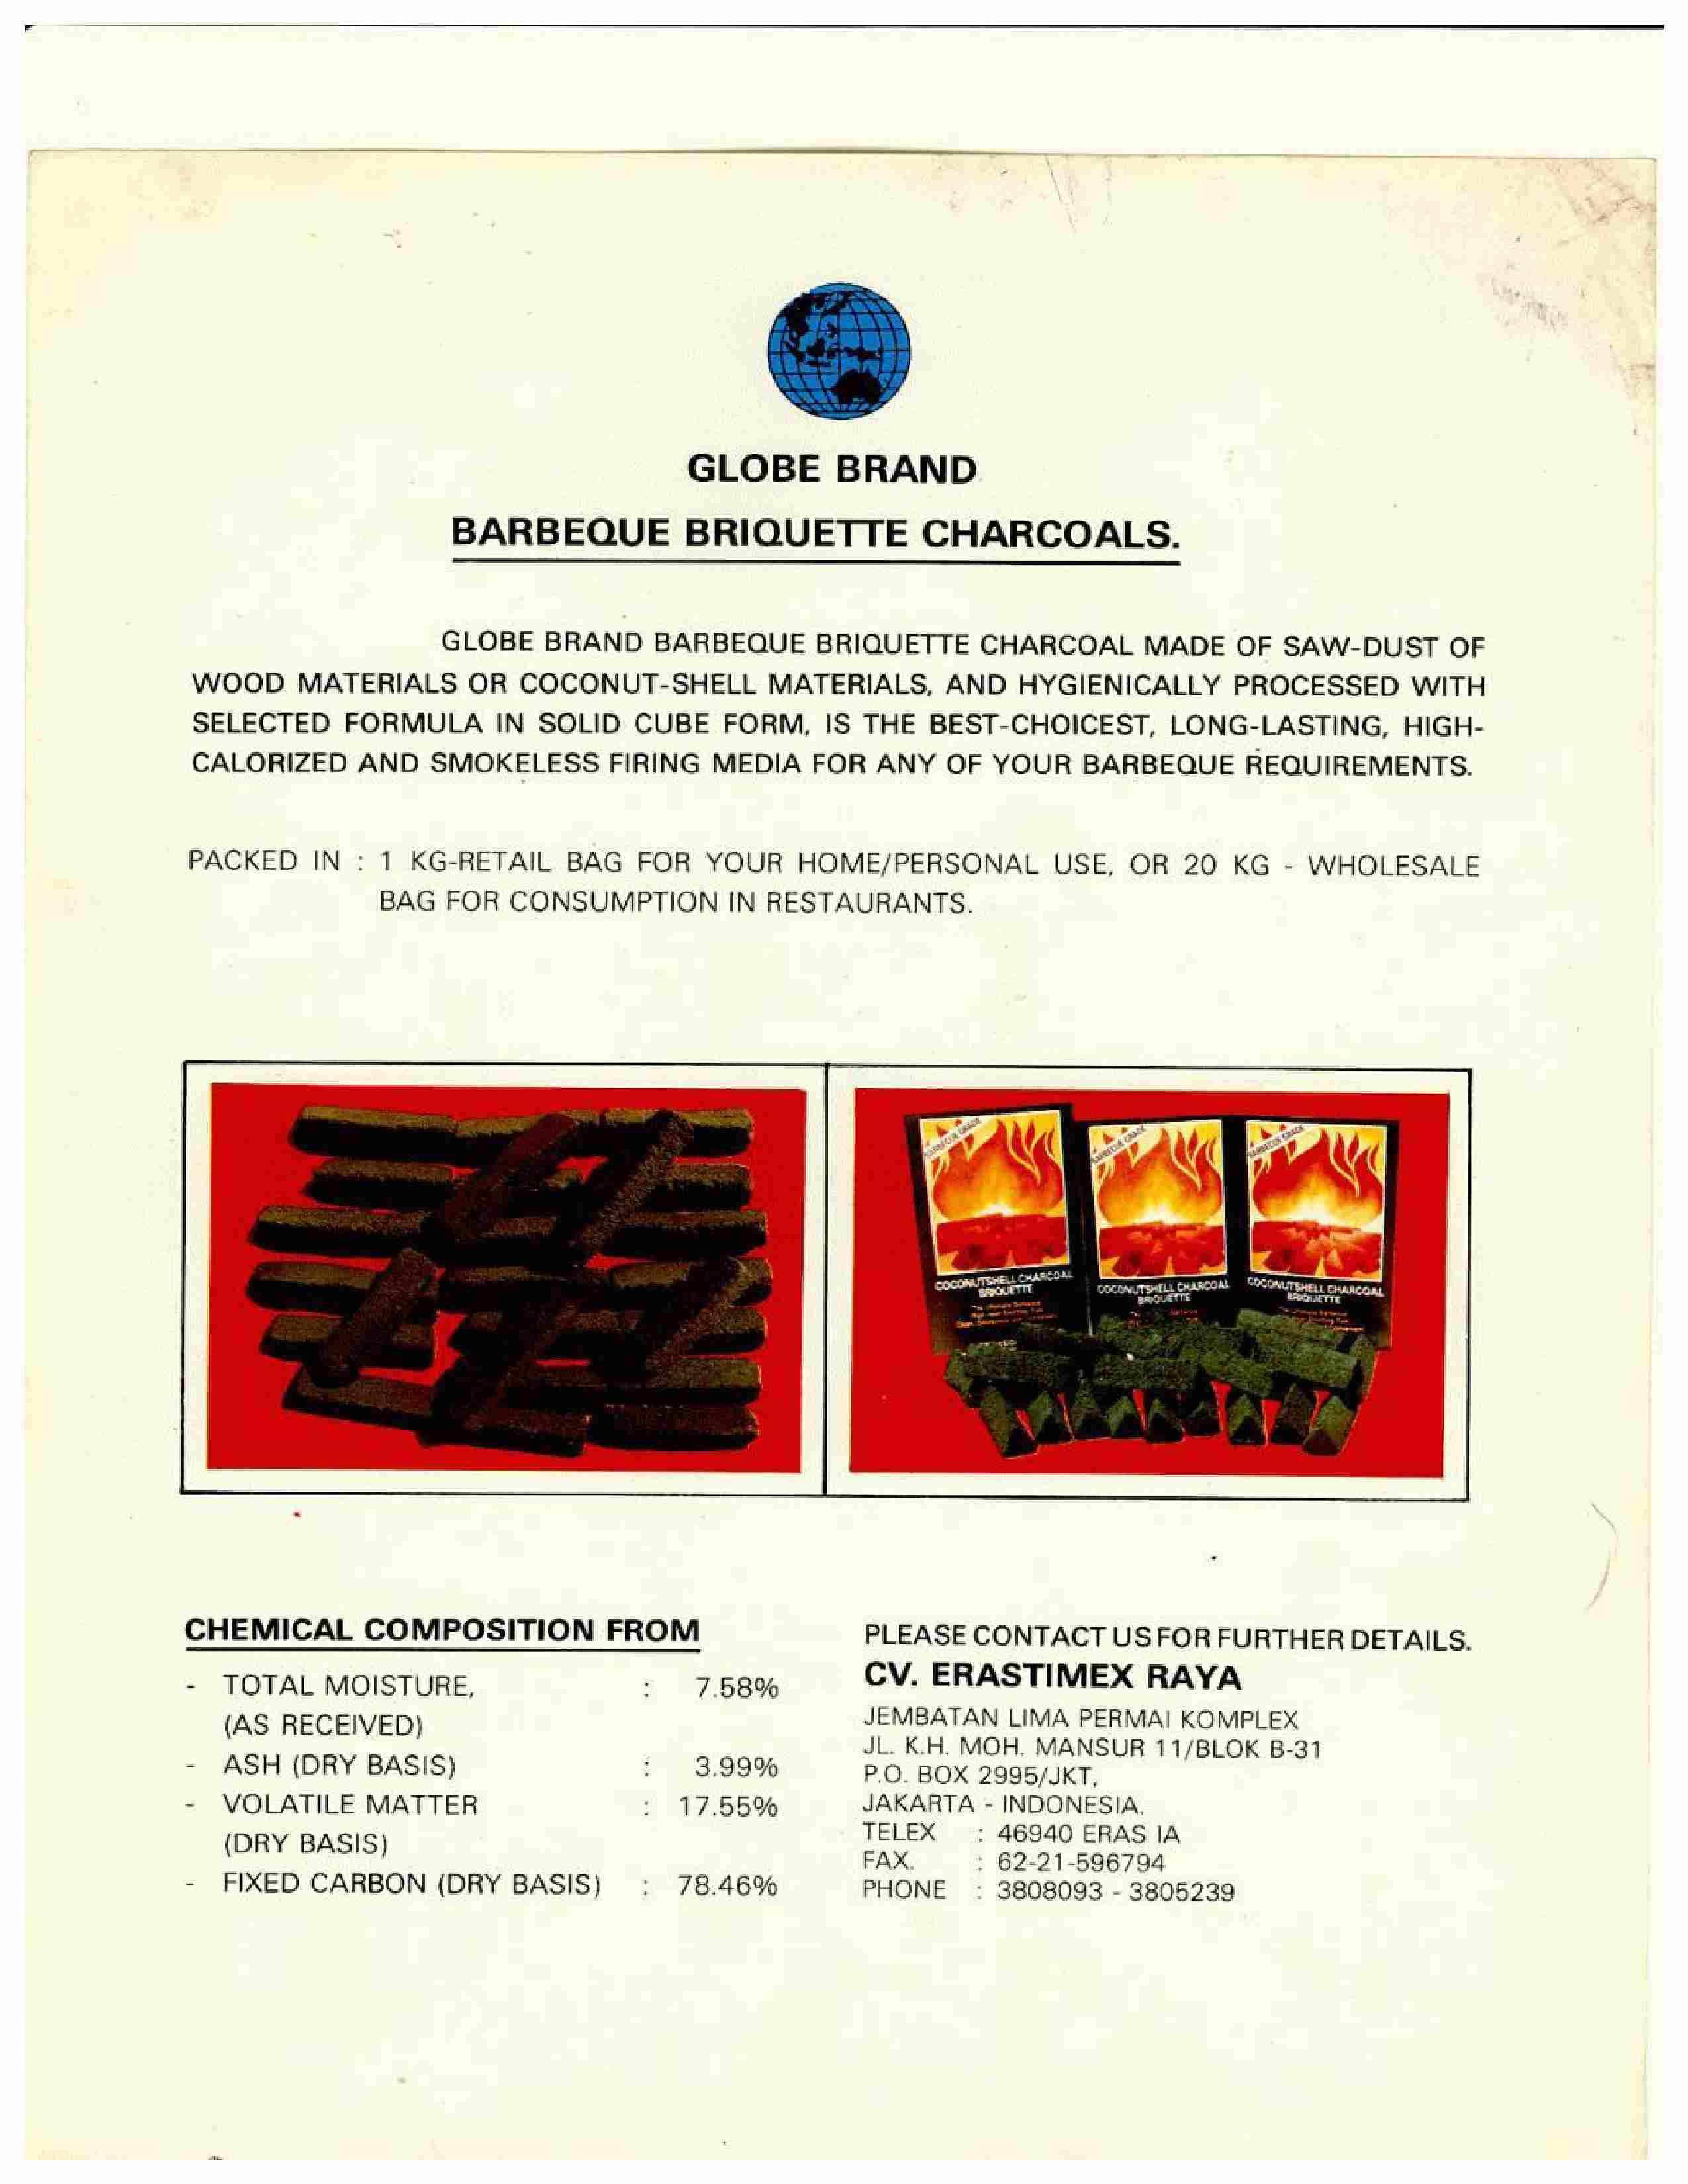 Barbeque Charcoals